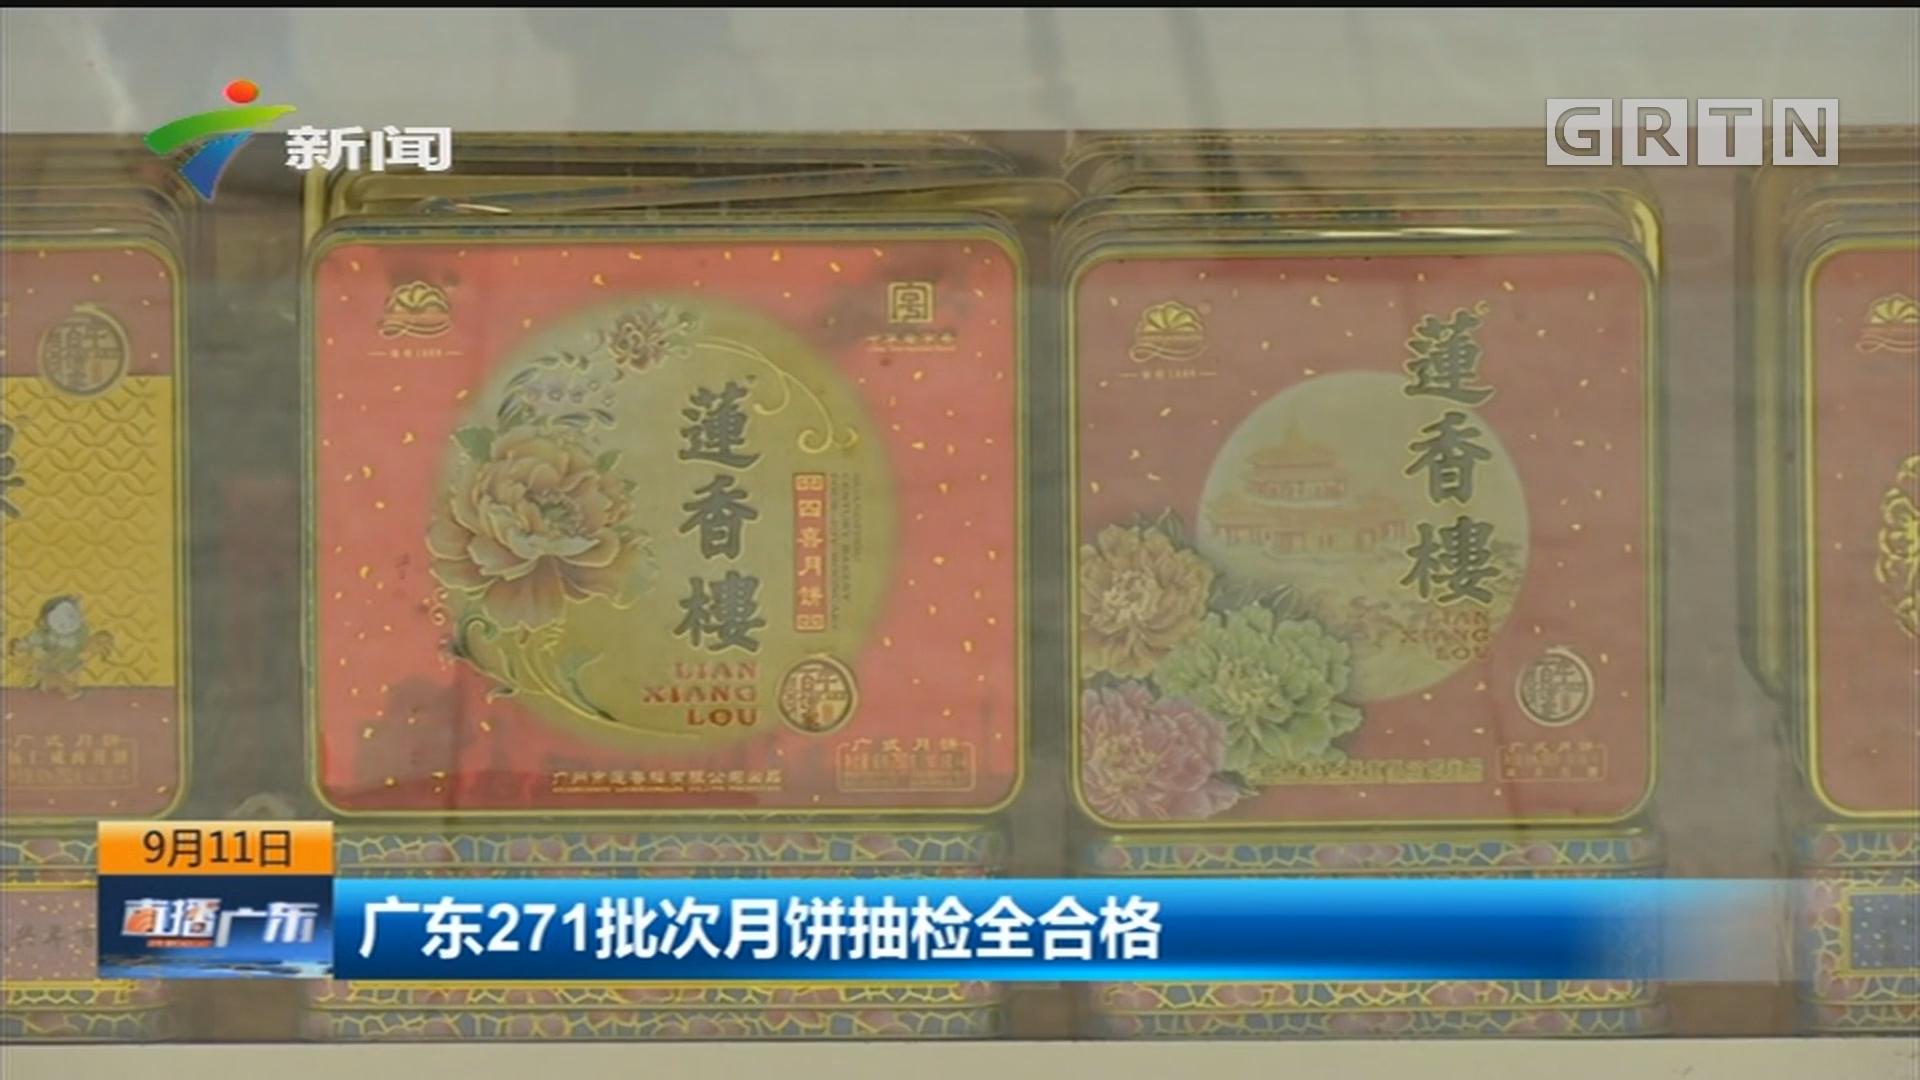 广东271批次月饼抽检全合格